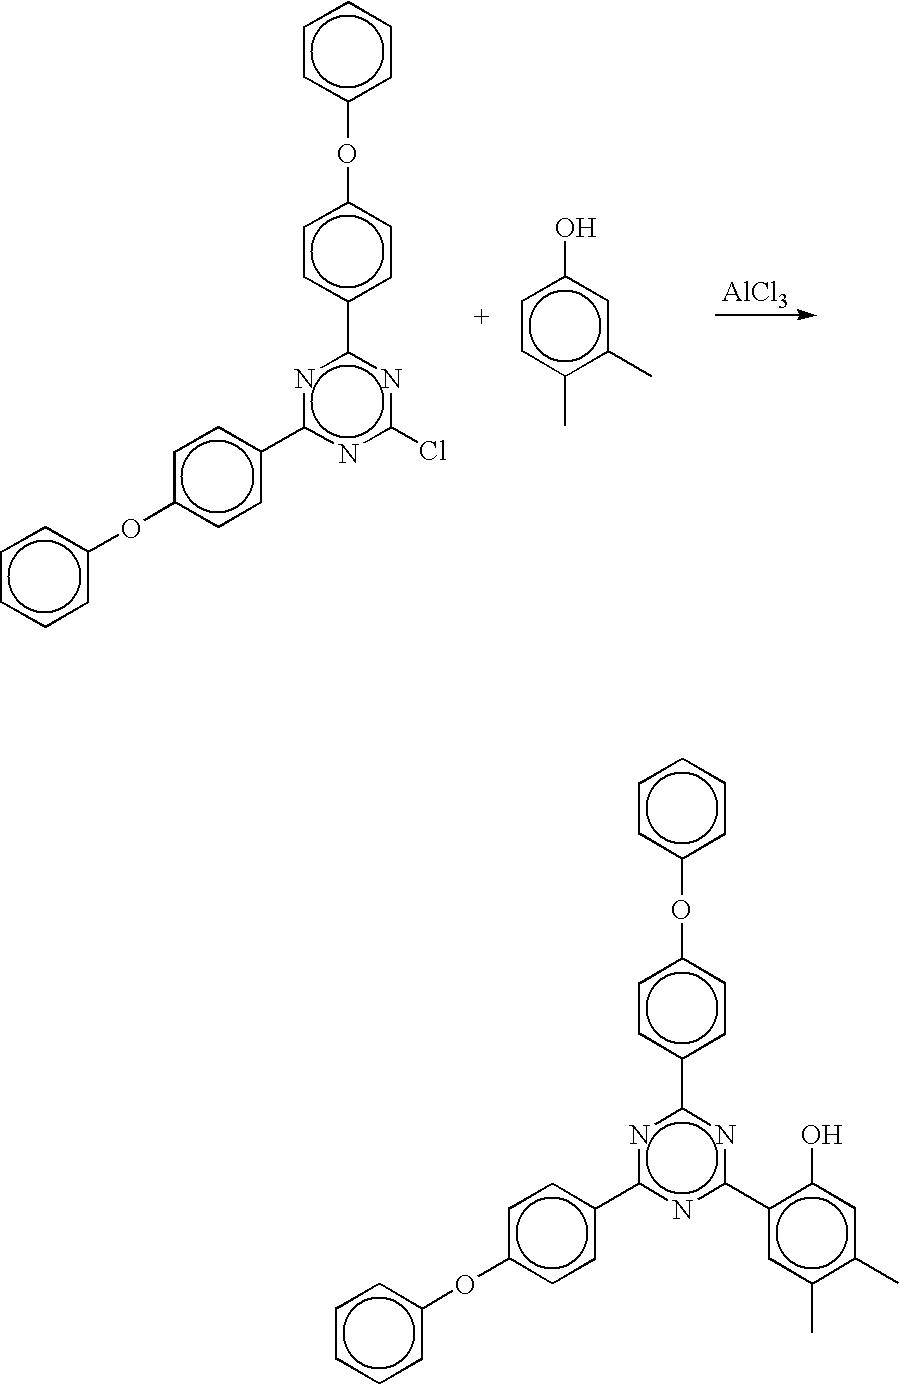 Figure US06855269-20050215-C00026